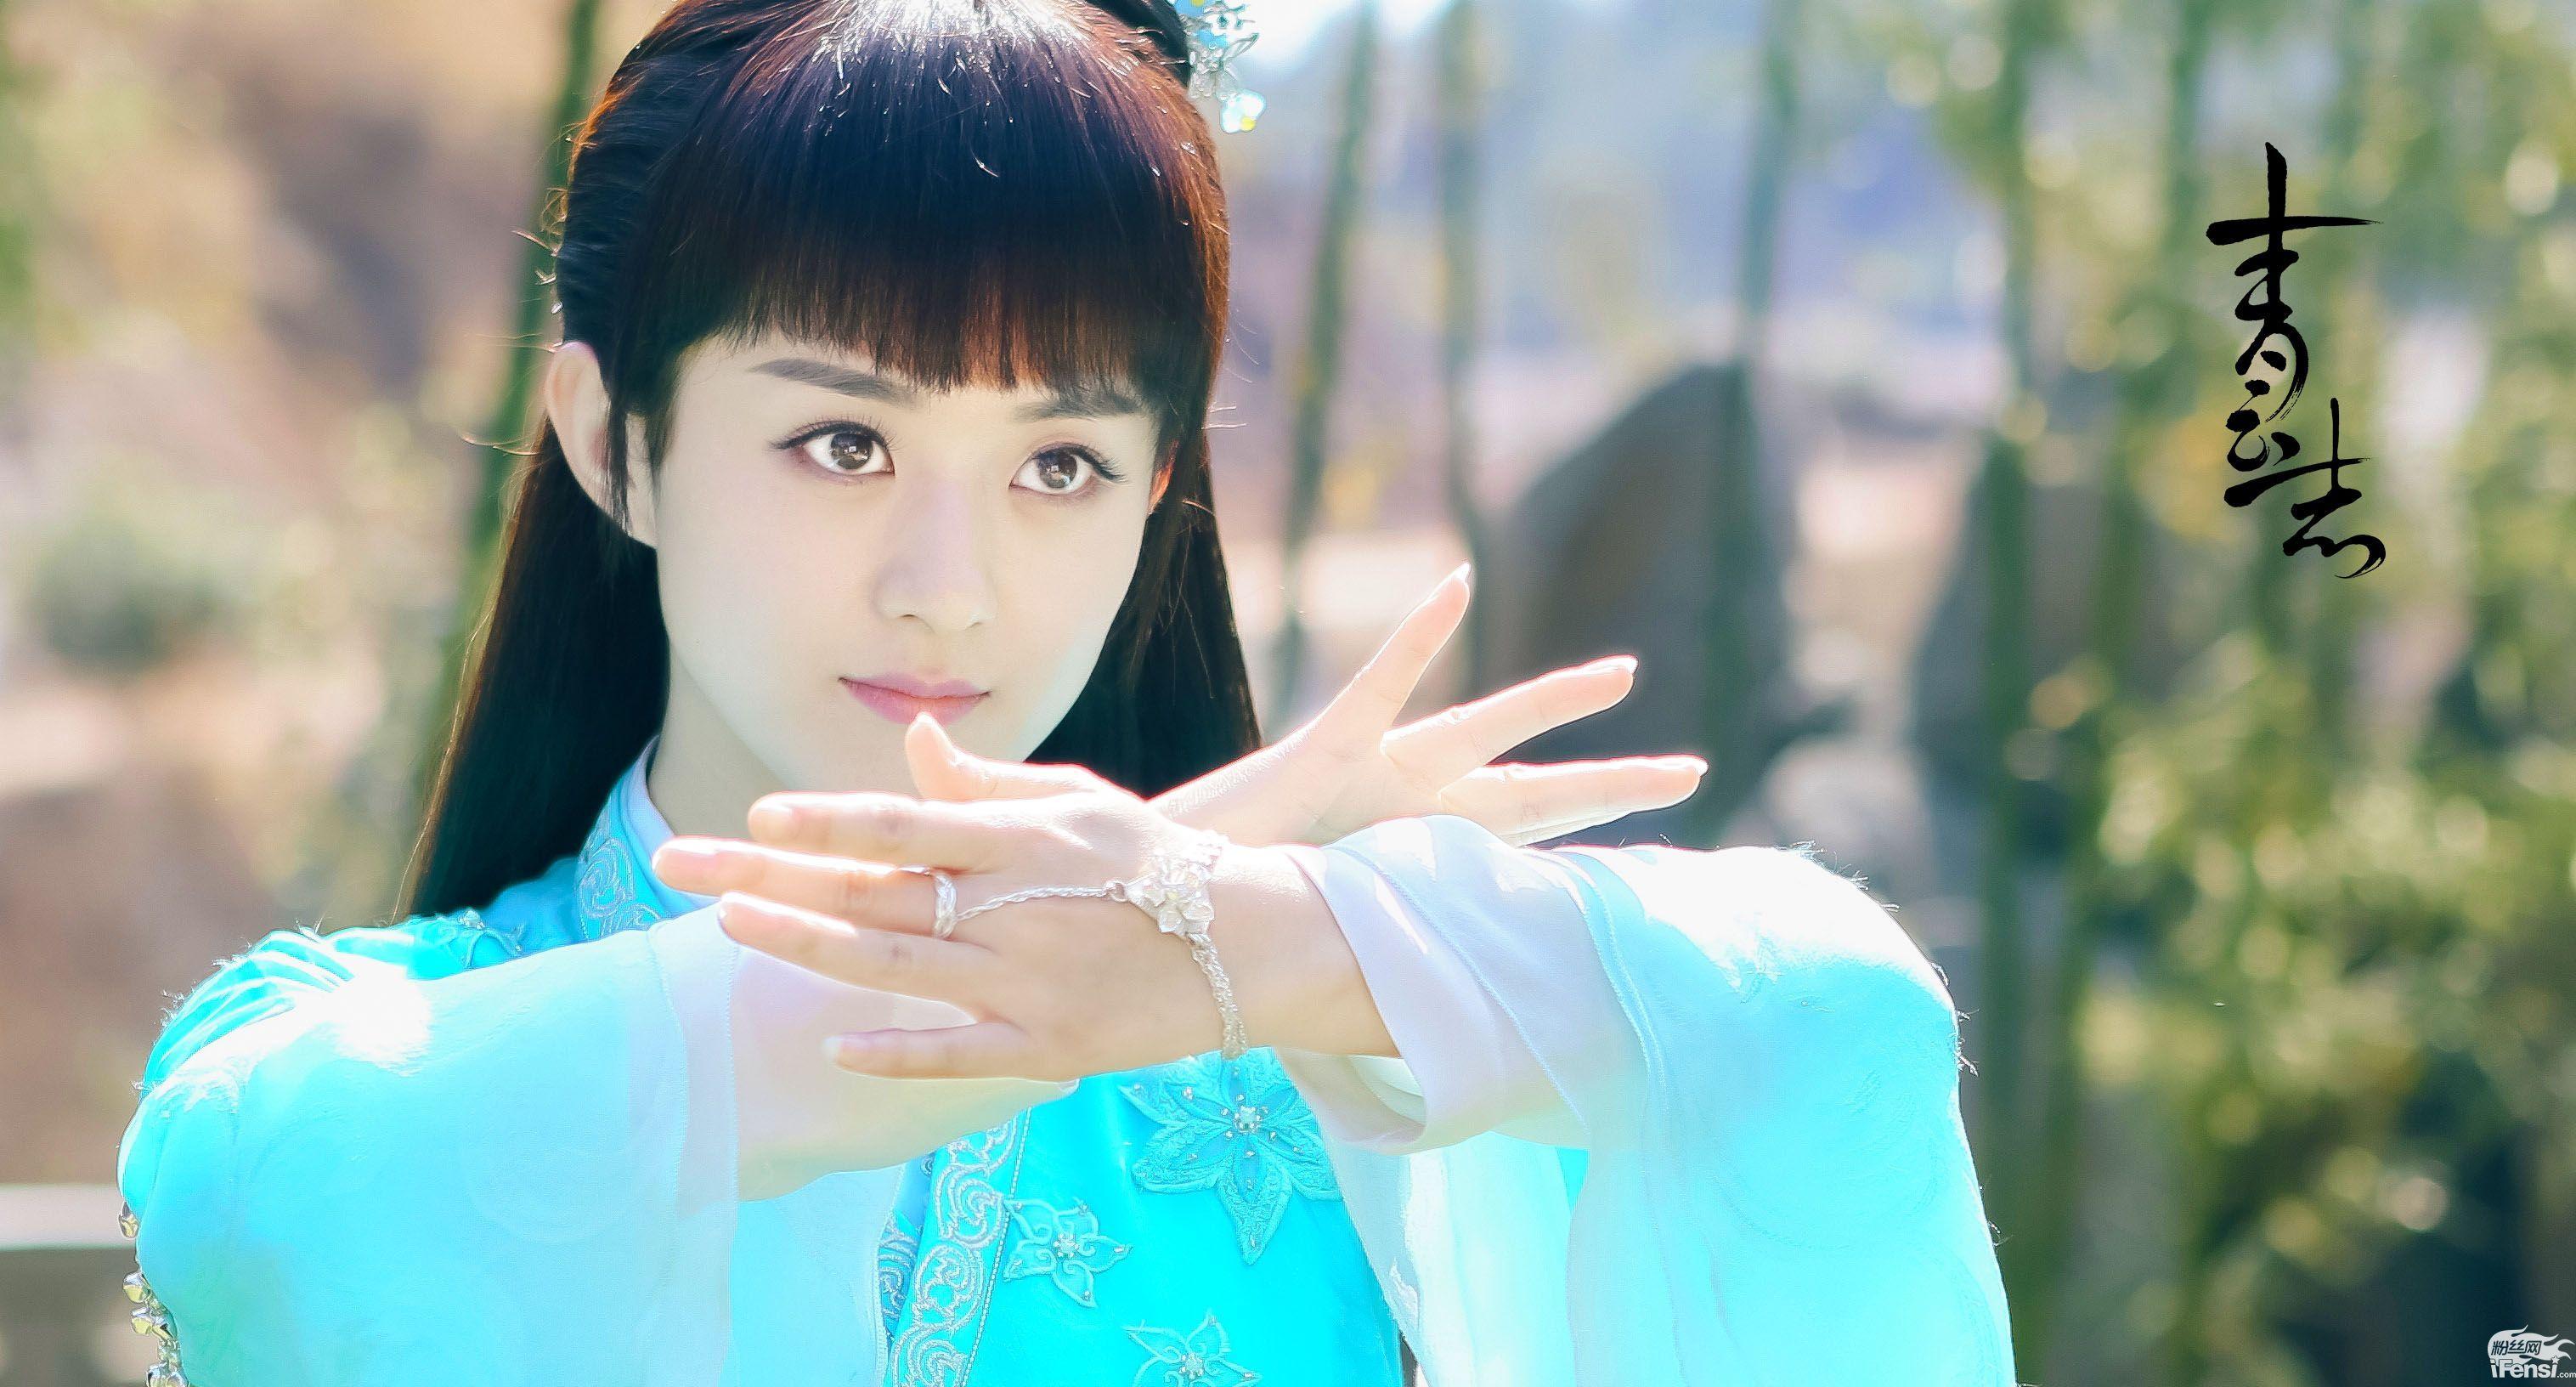 赵丽颖,一直被称为是古装美人的赵丽颖,每一款古装造型都很美,碧瑶